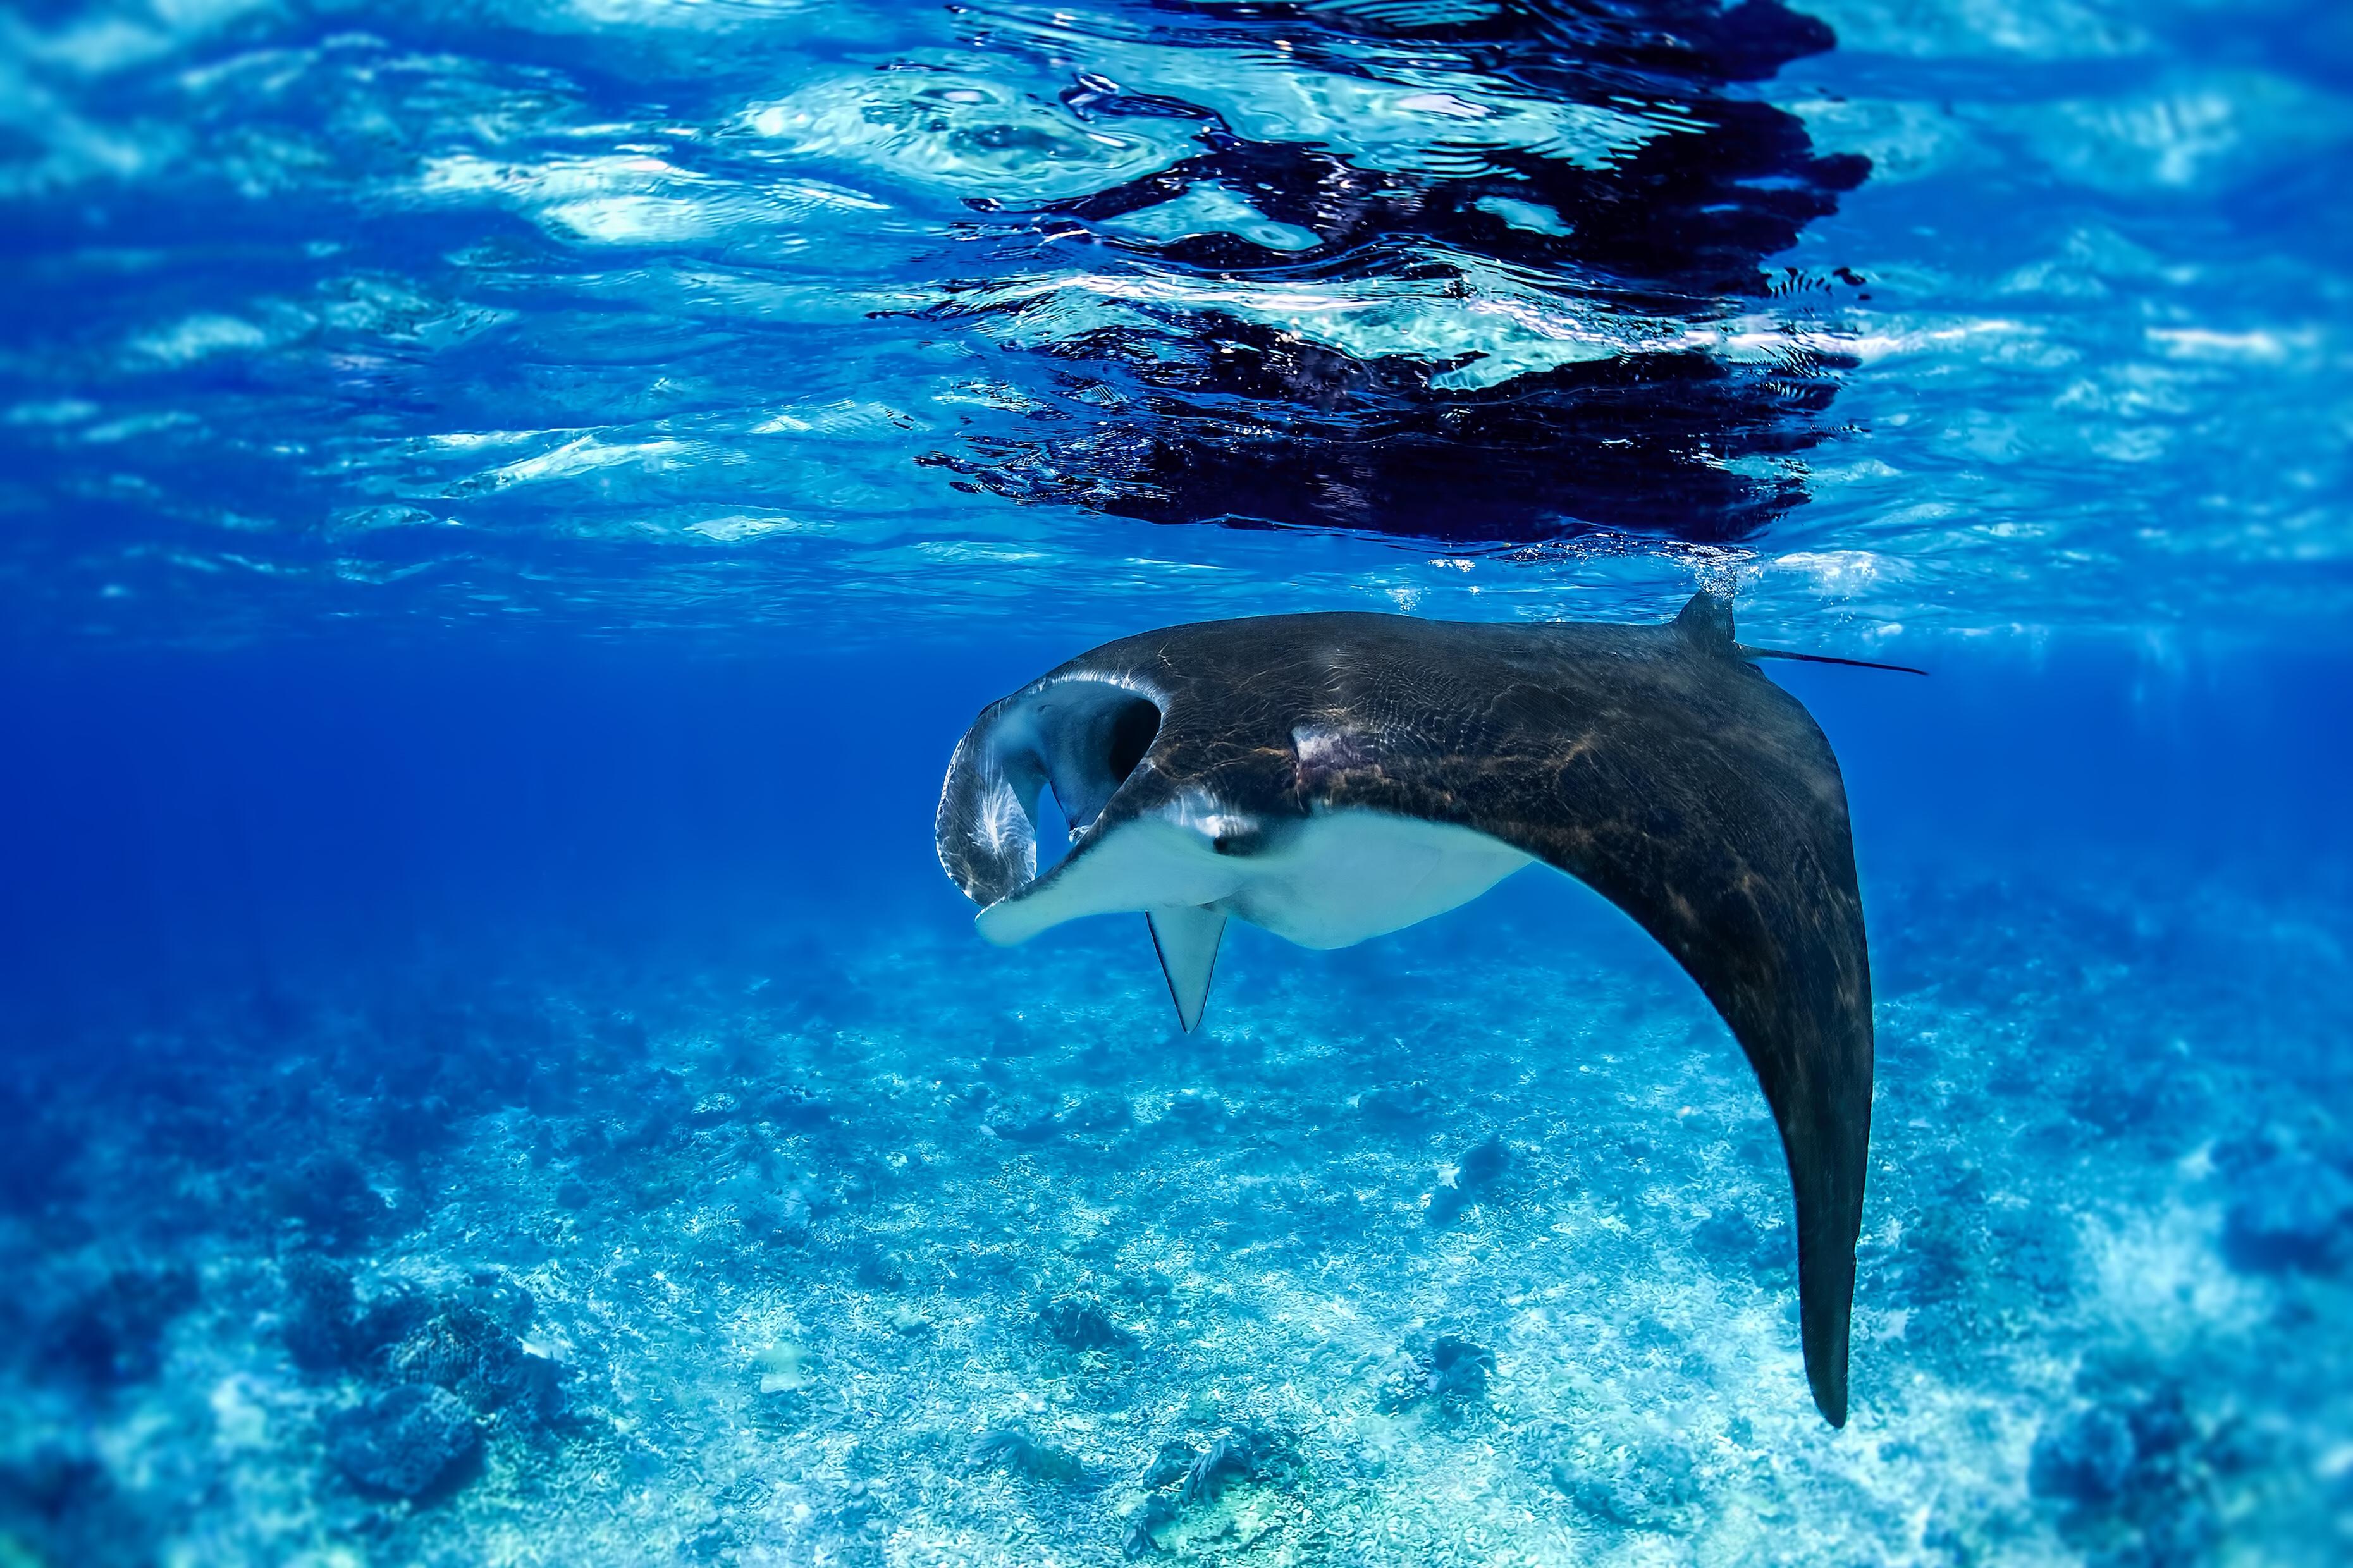 Manta ray, iStock